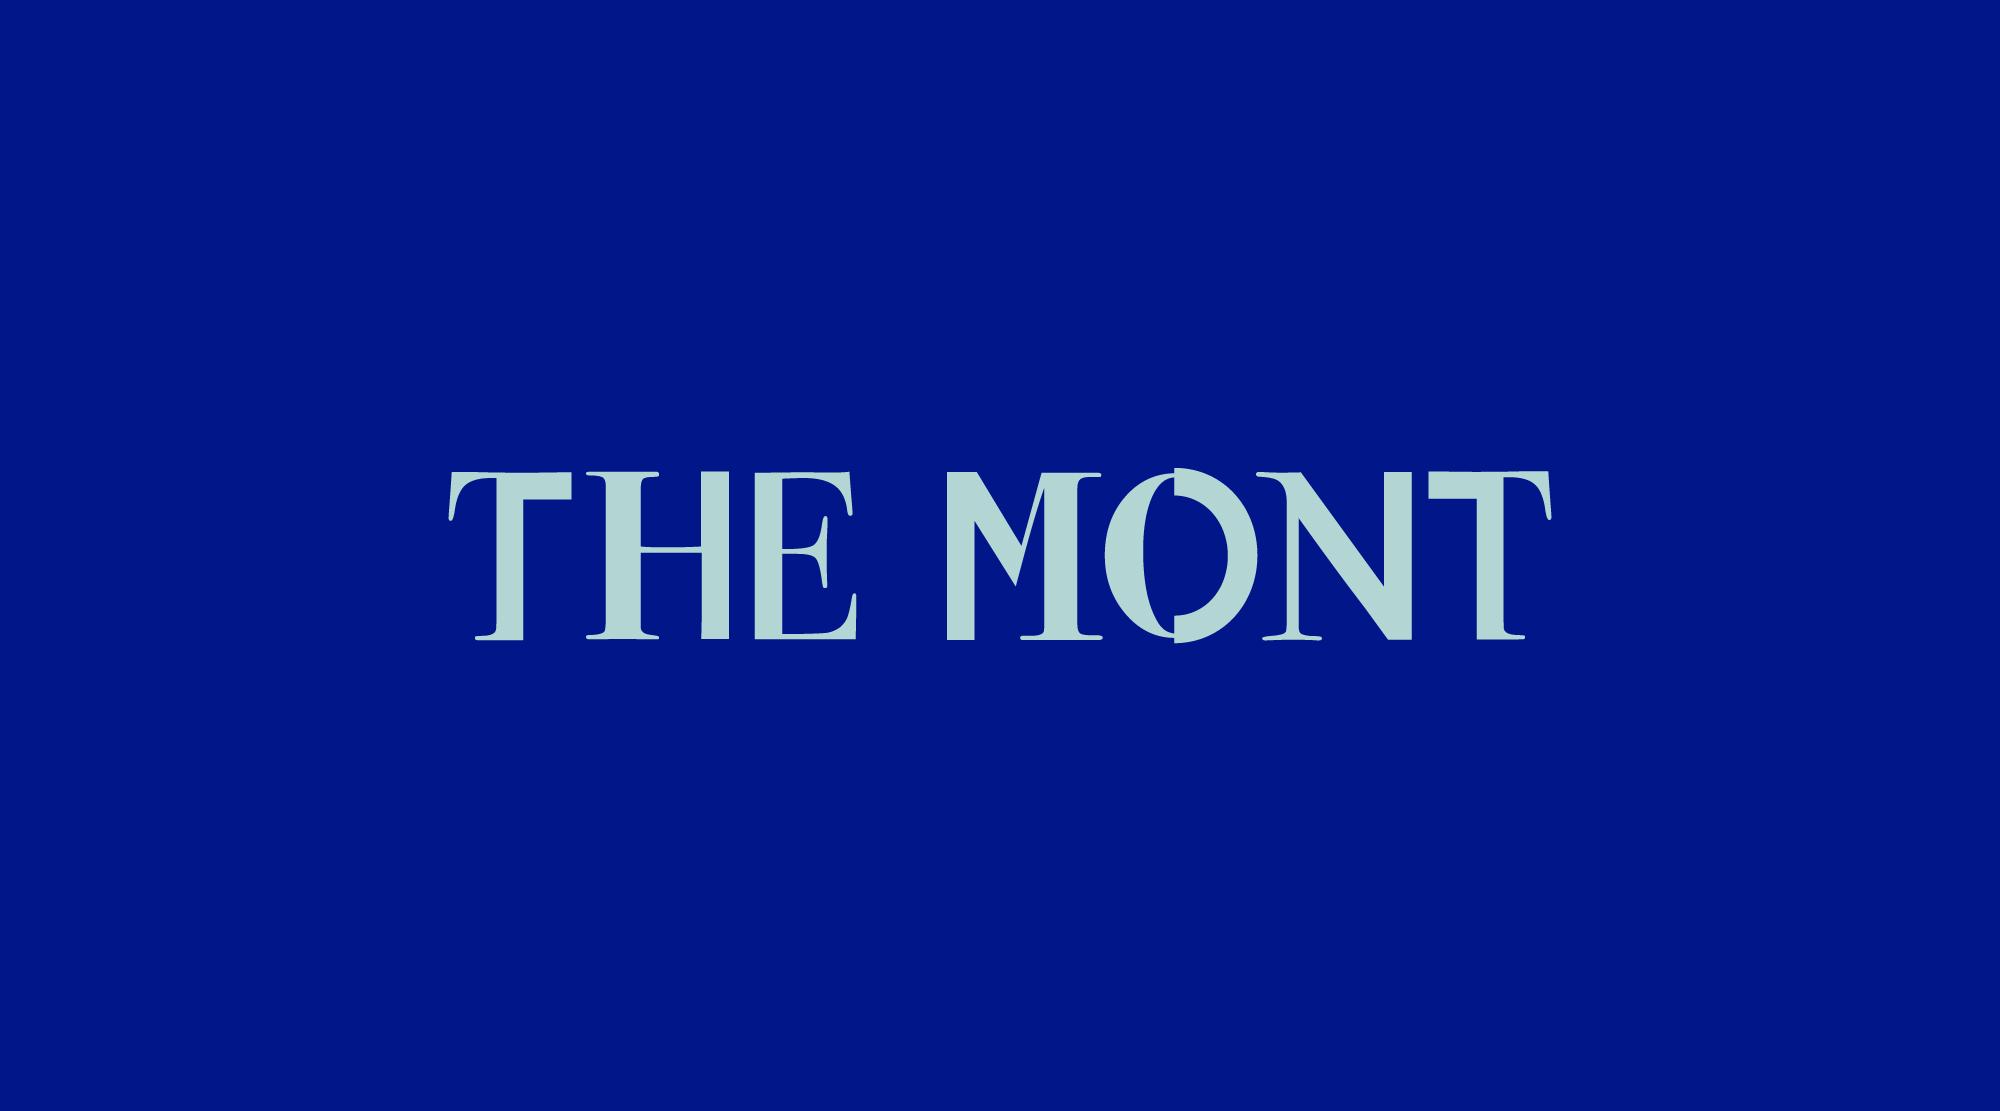 TheMont_Identity